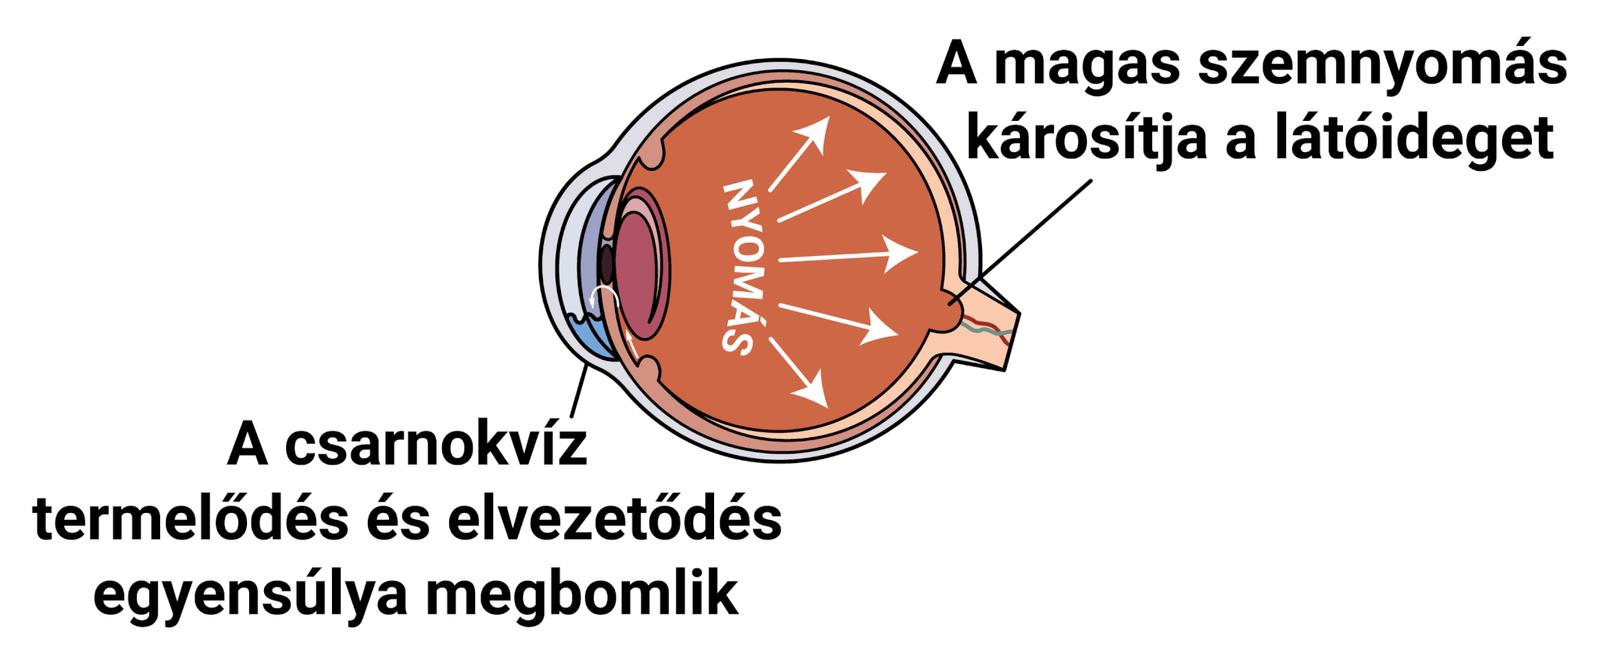 hogyan lehet csökkenteni a látásvesztést helyreállította a látást mínusz 10-től